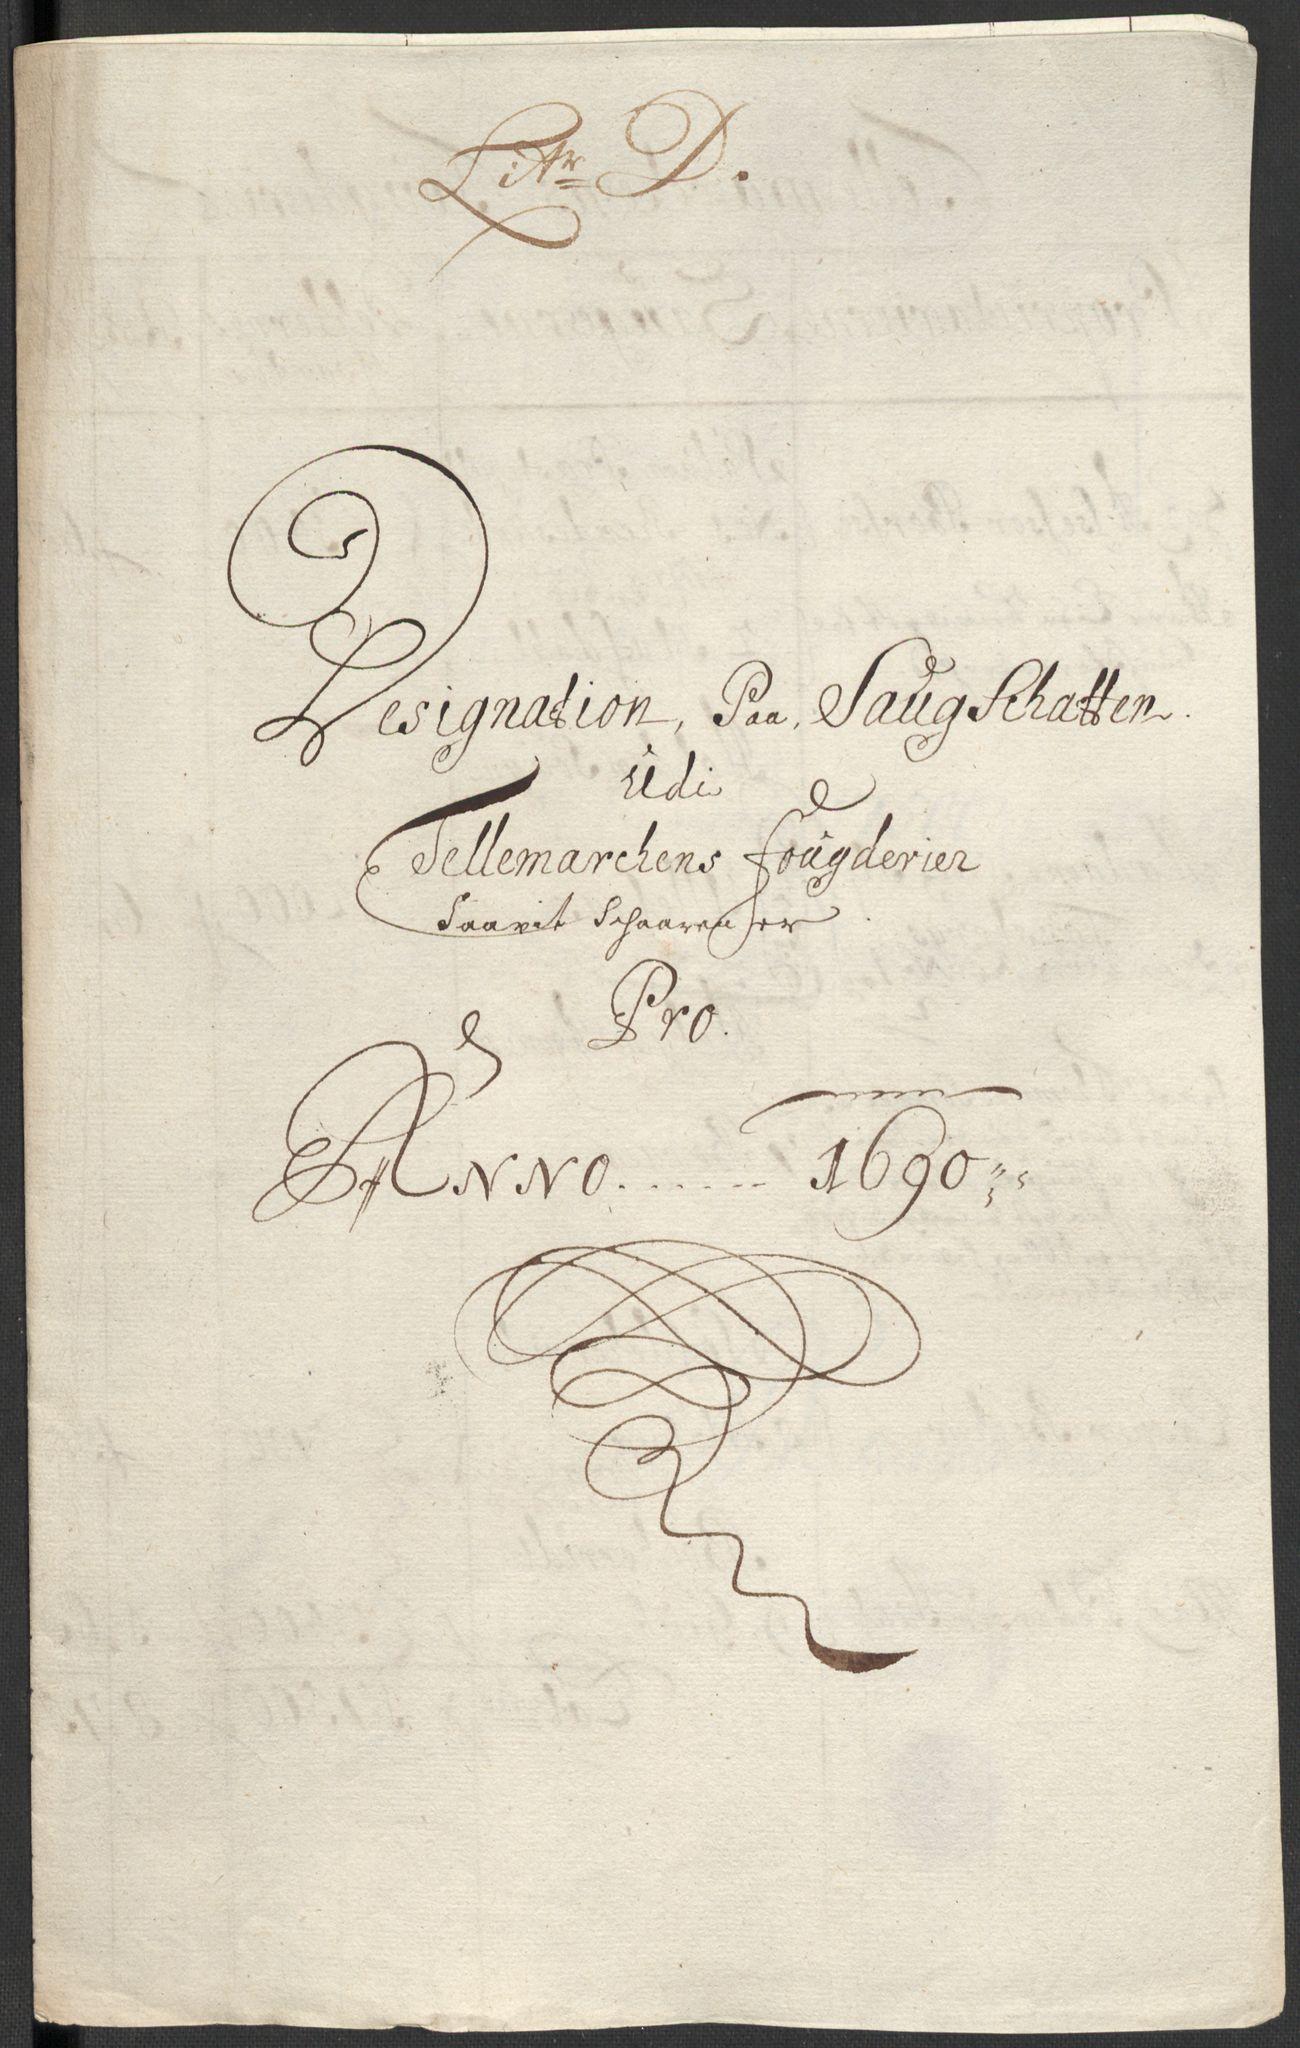 RA, Rentekammeret inntil 1814, Reviderte regnskaper, Fogderegnskap, R35/L2089: Fogderegnskap Øvre og Nedre Telemark, 1690-1692, s. 65